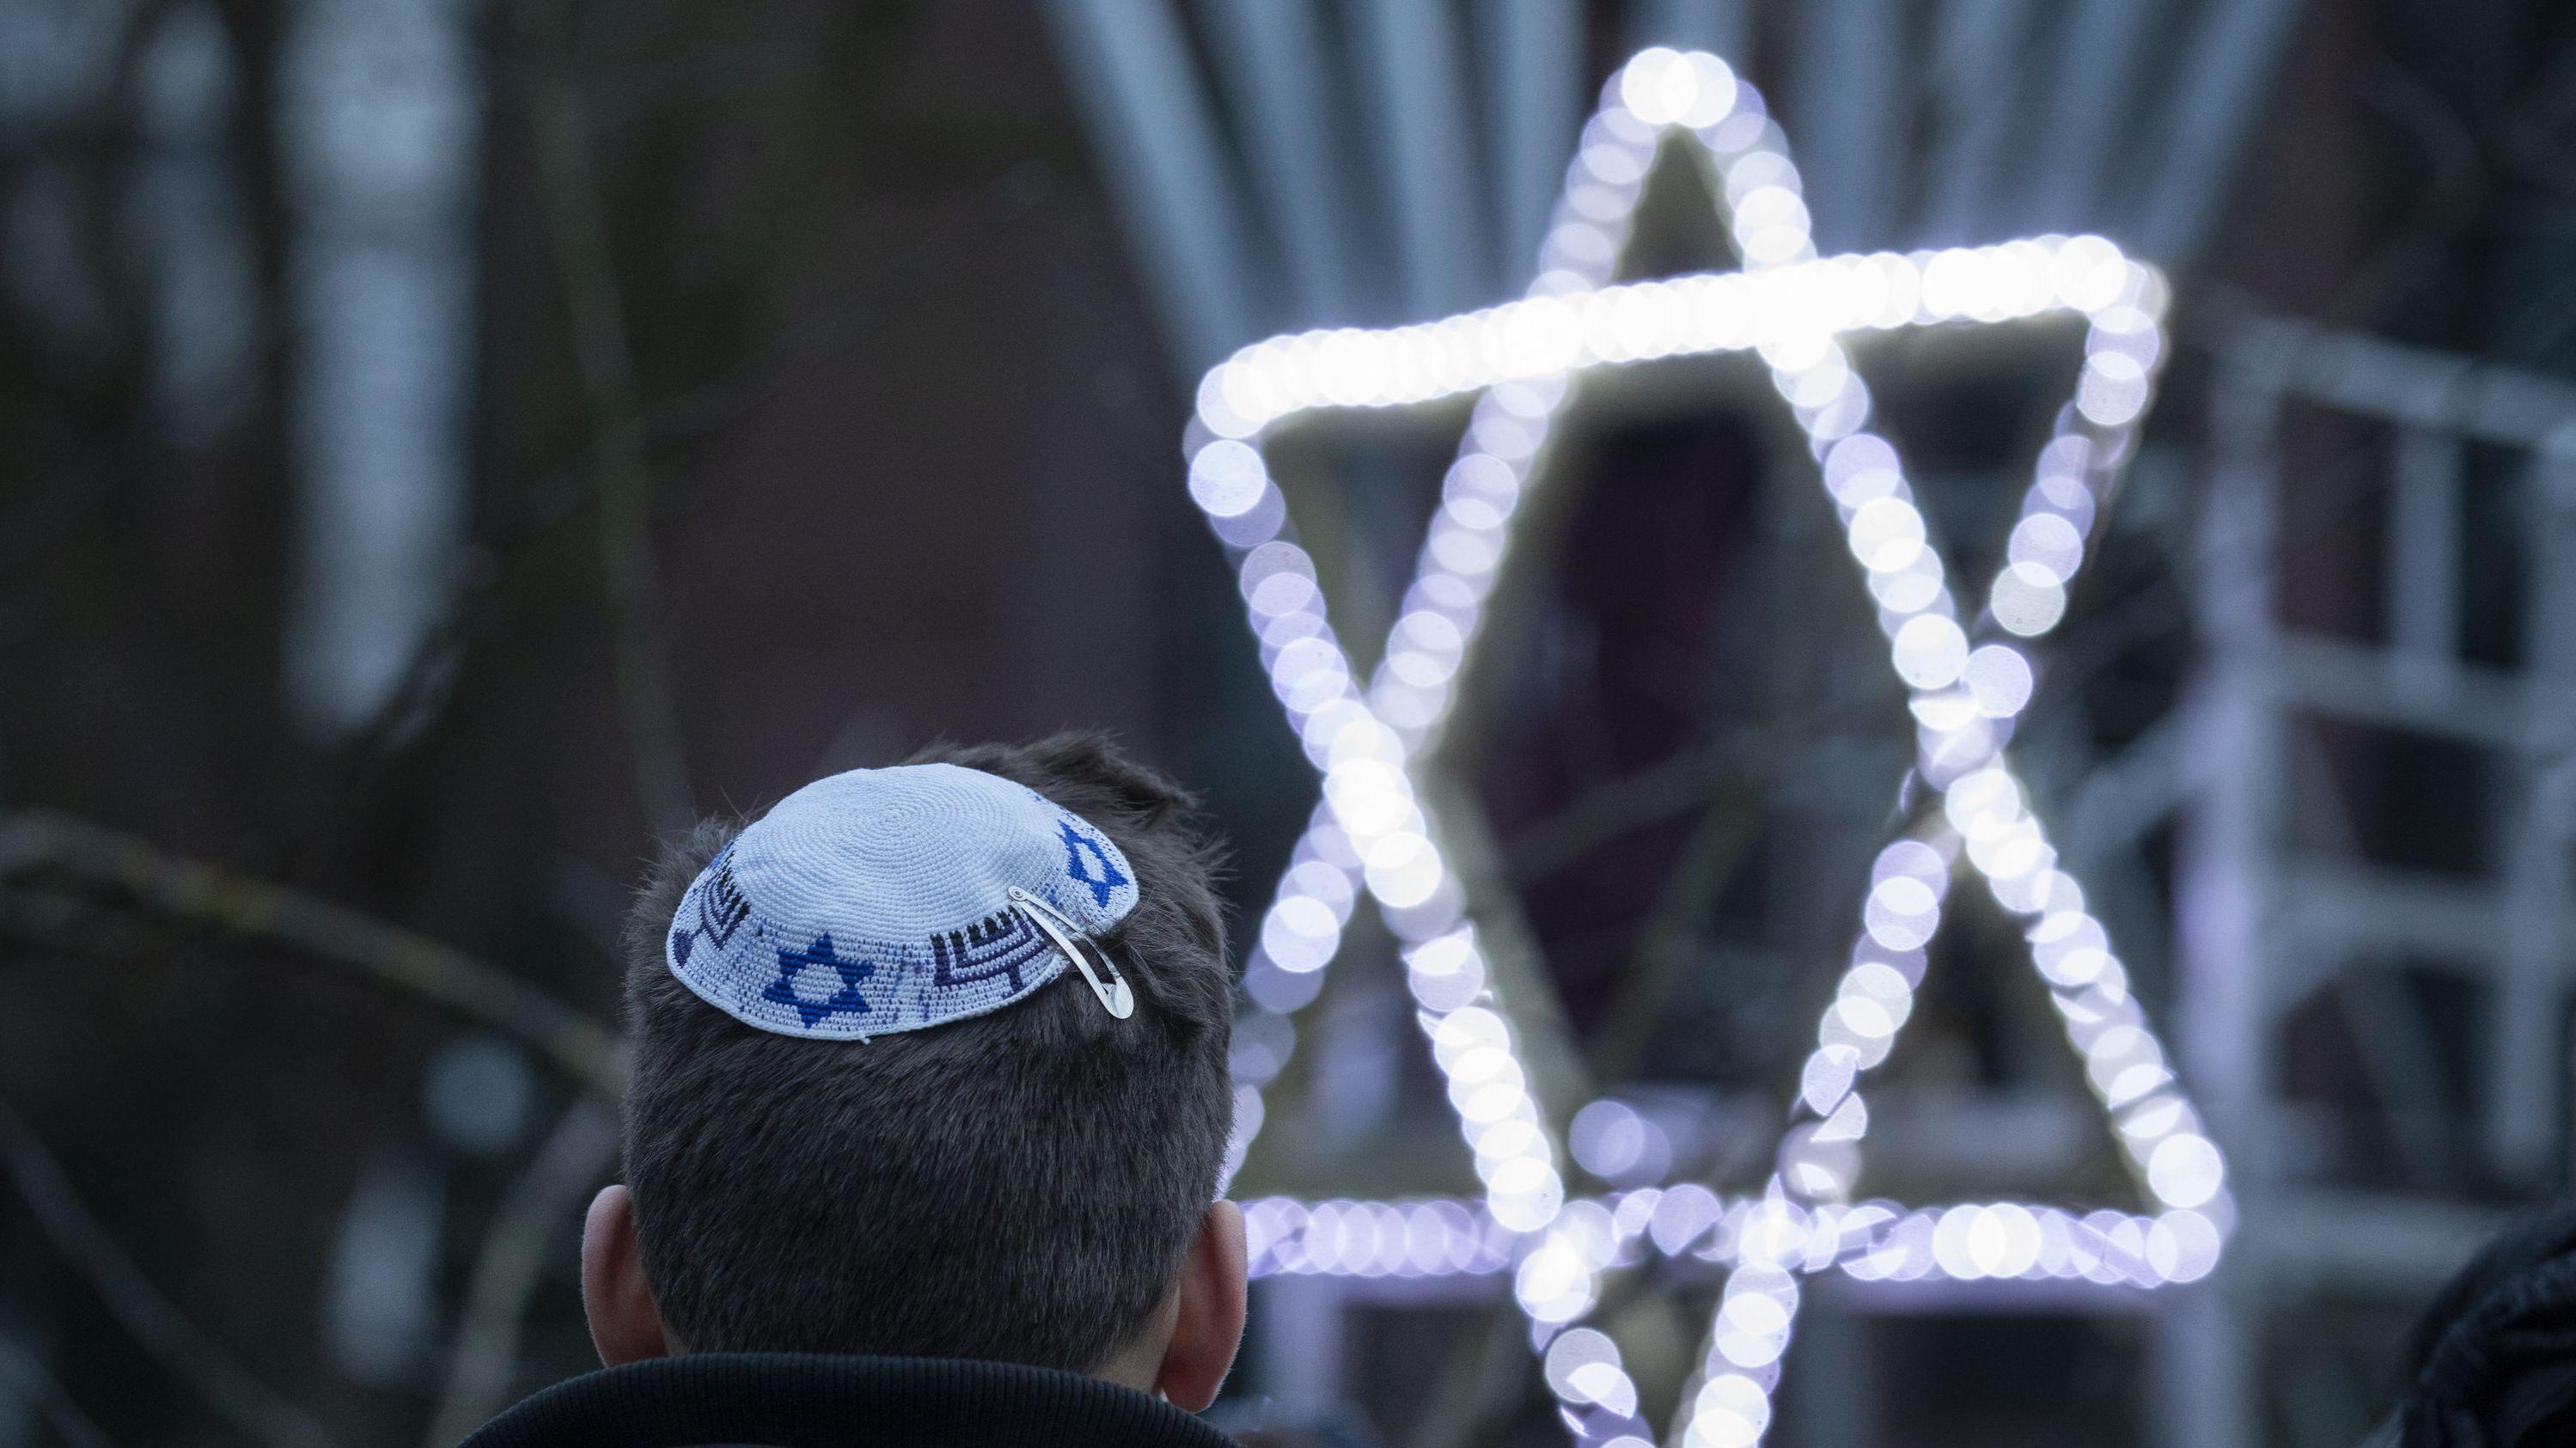 Davidstern und Kippa - zwei Symbolde für das Judentum.